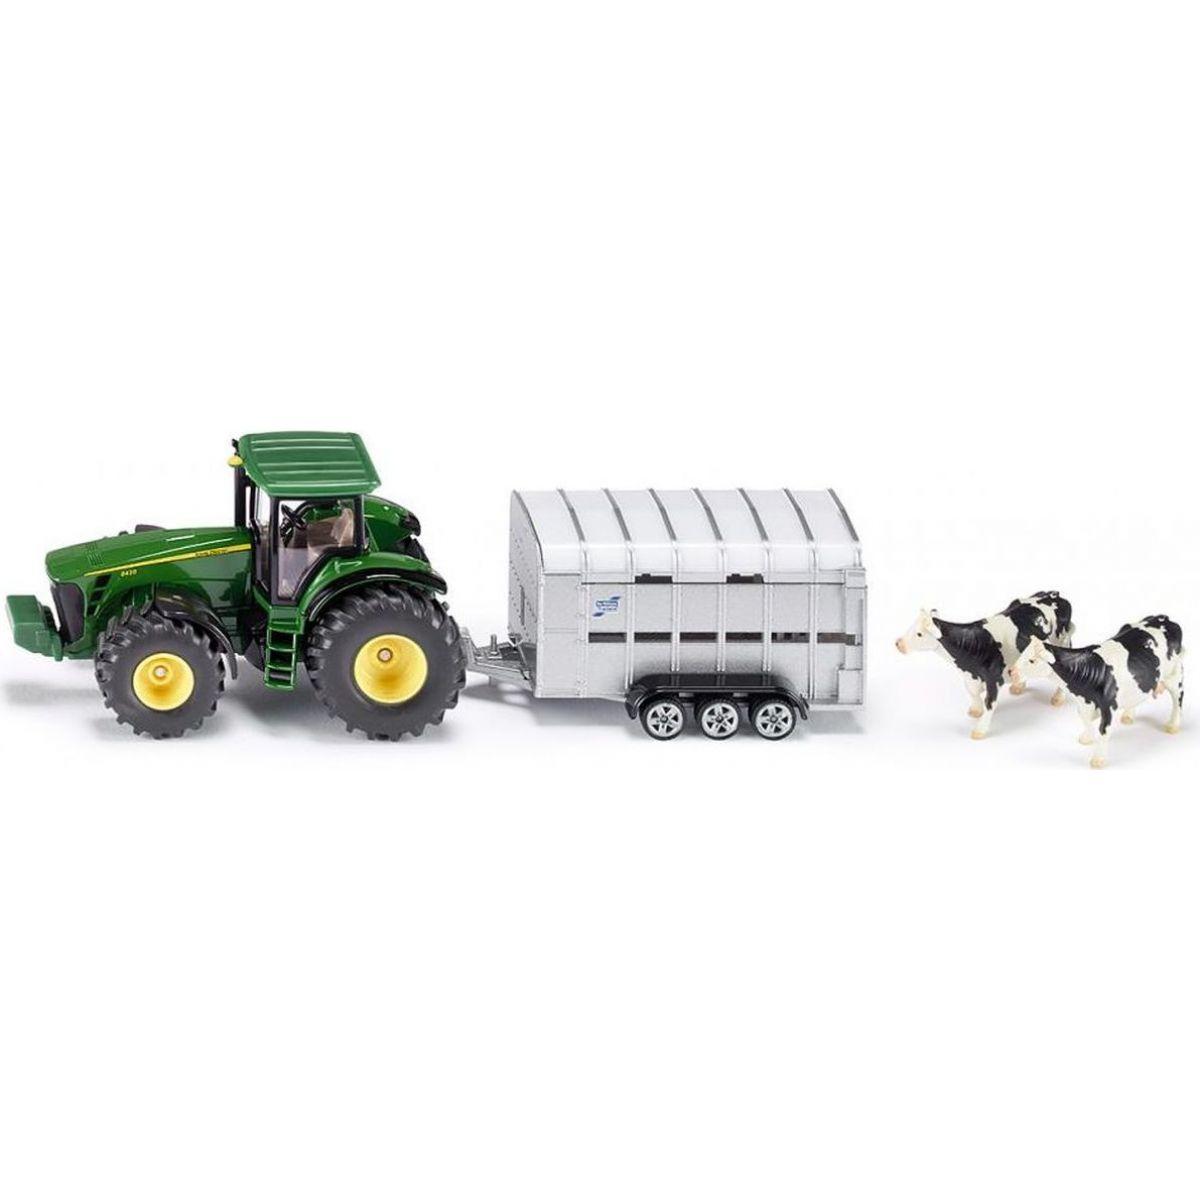 Siku Super Traktor John Deere s přívěsem pro přepravu dobytka vč. 2 krav 1:50